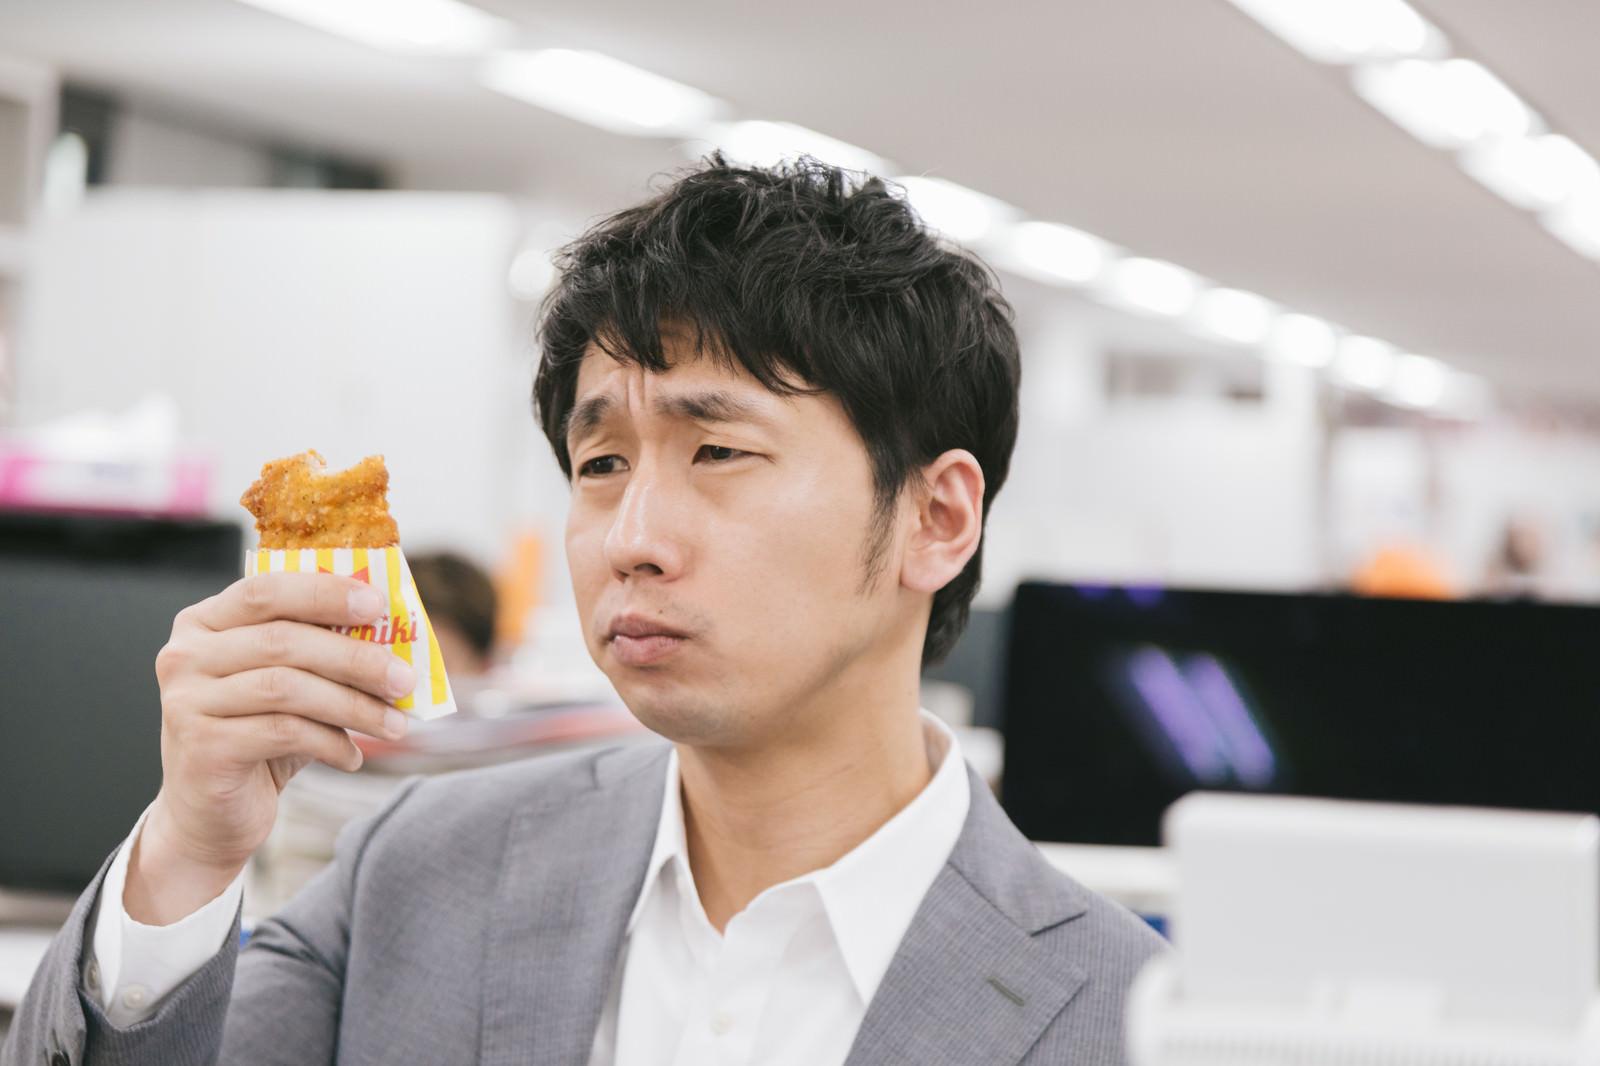 「フライドチキンの美味しさに感動する男性」の写真[モデル:大川竜弥]